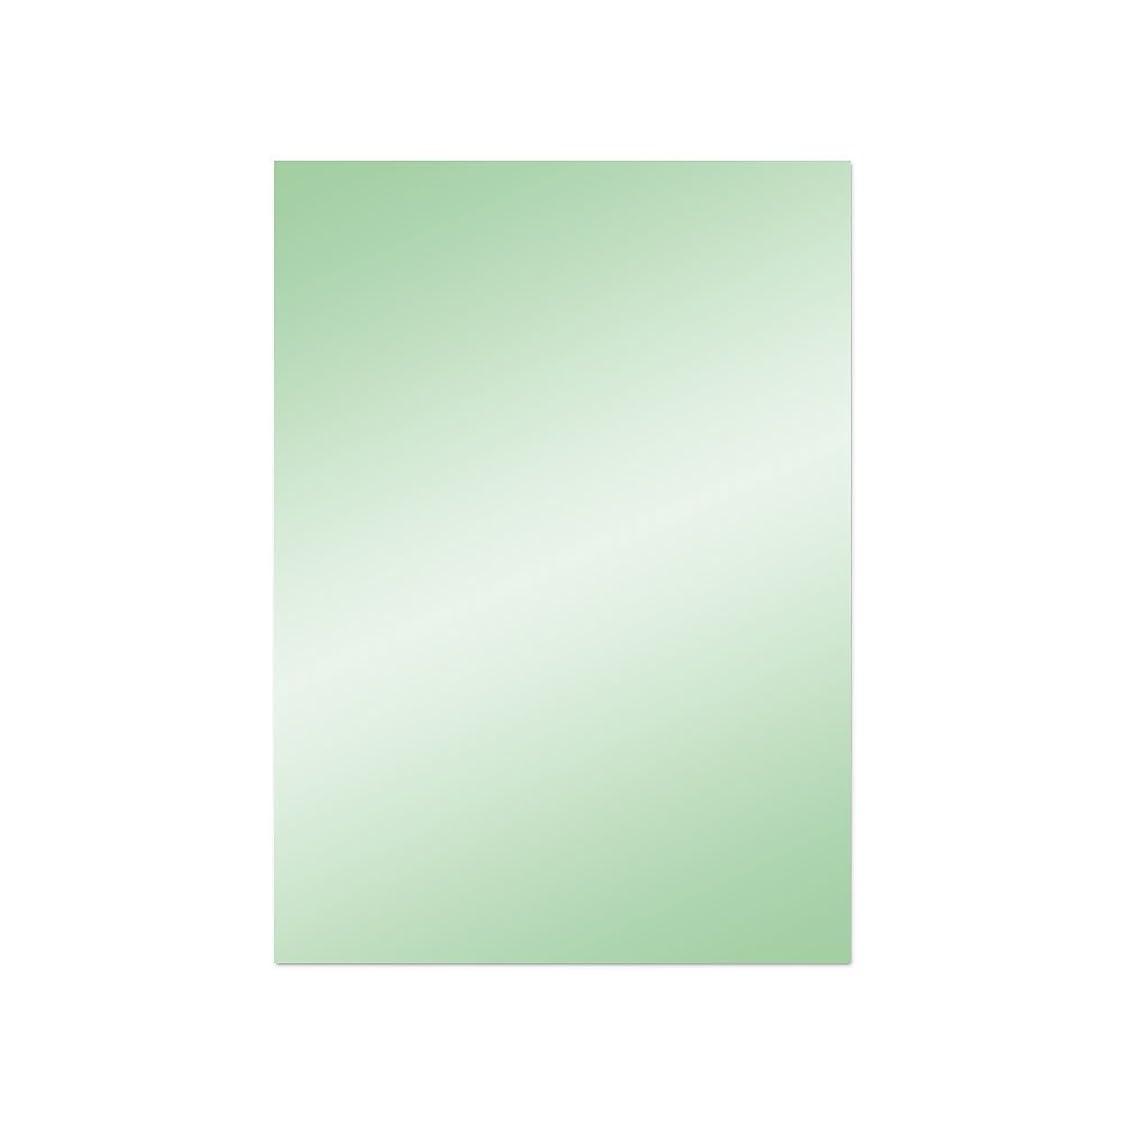 編集するトピック気をつけて【ノーブランド品】コールドラミネートフィルム A4サイズ(230×320mm) グロス(つや有り) 10枚